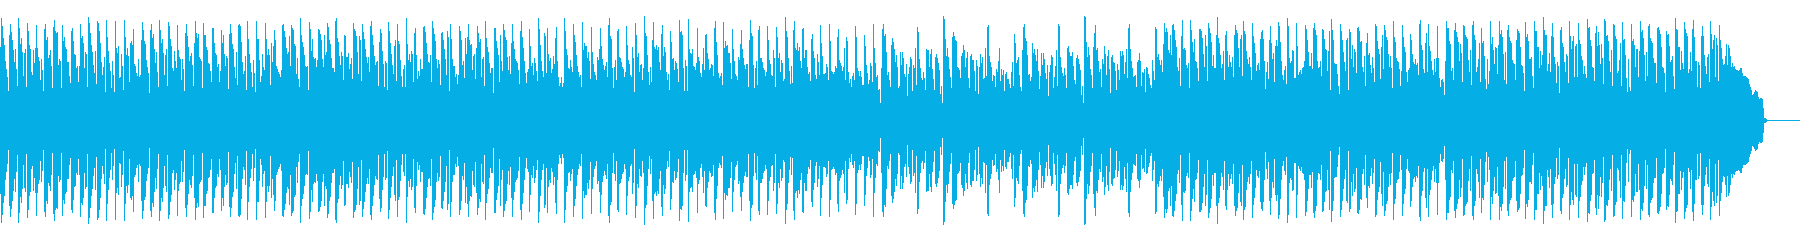 広大な風景に合うリズミカルな曲の再生済みの波形